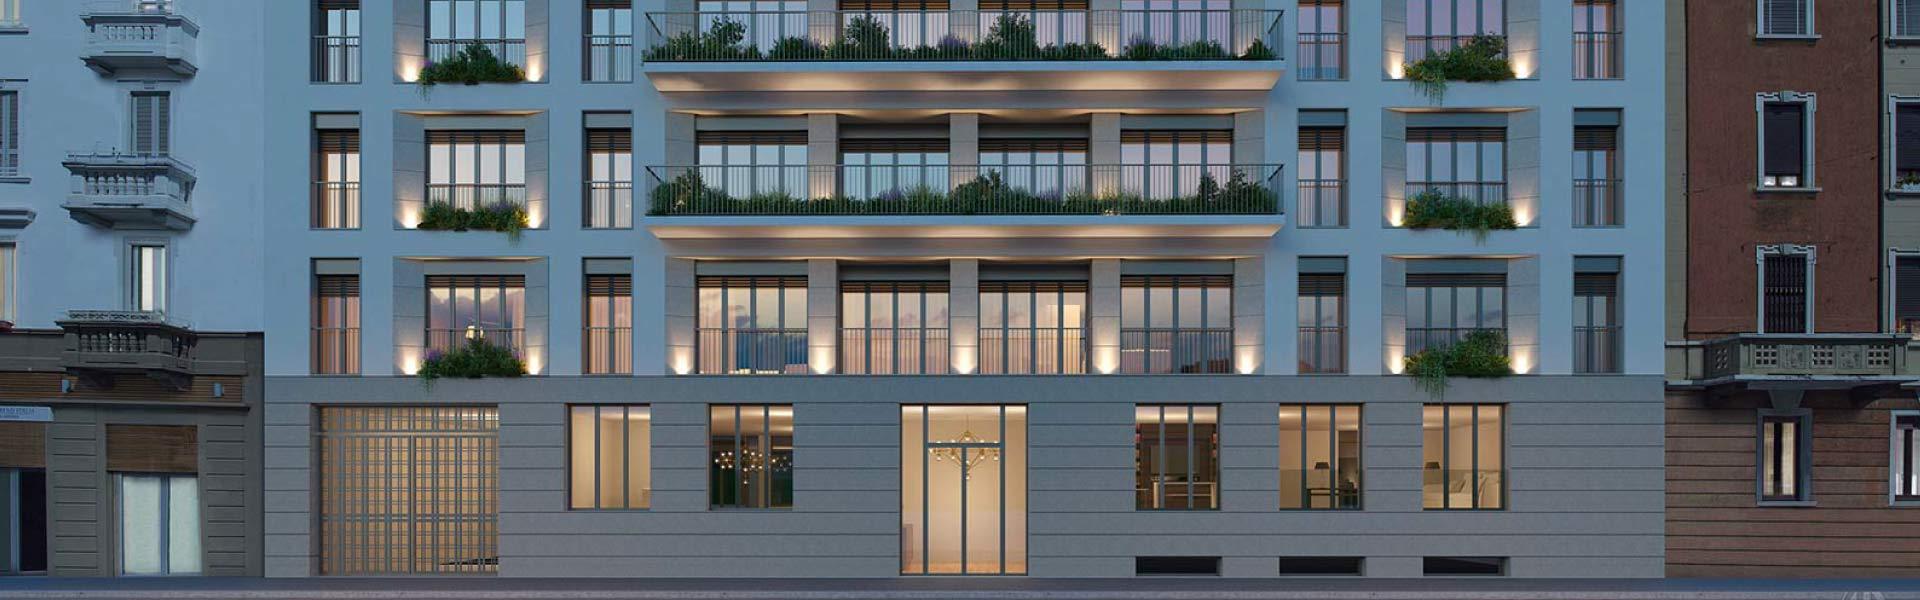 Compagnoni 12 - Tailored Real Estate Investment - FCMA Milano